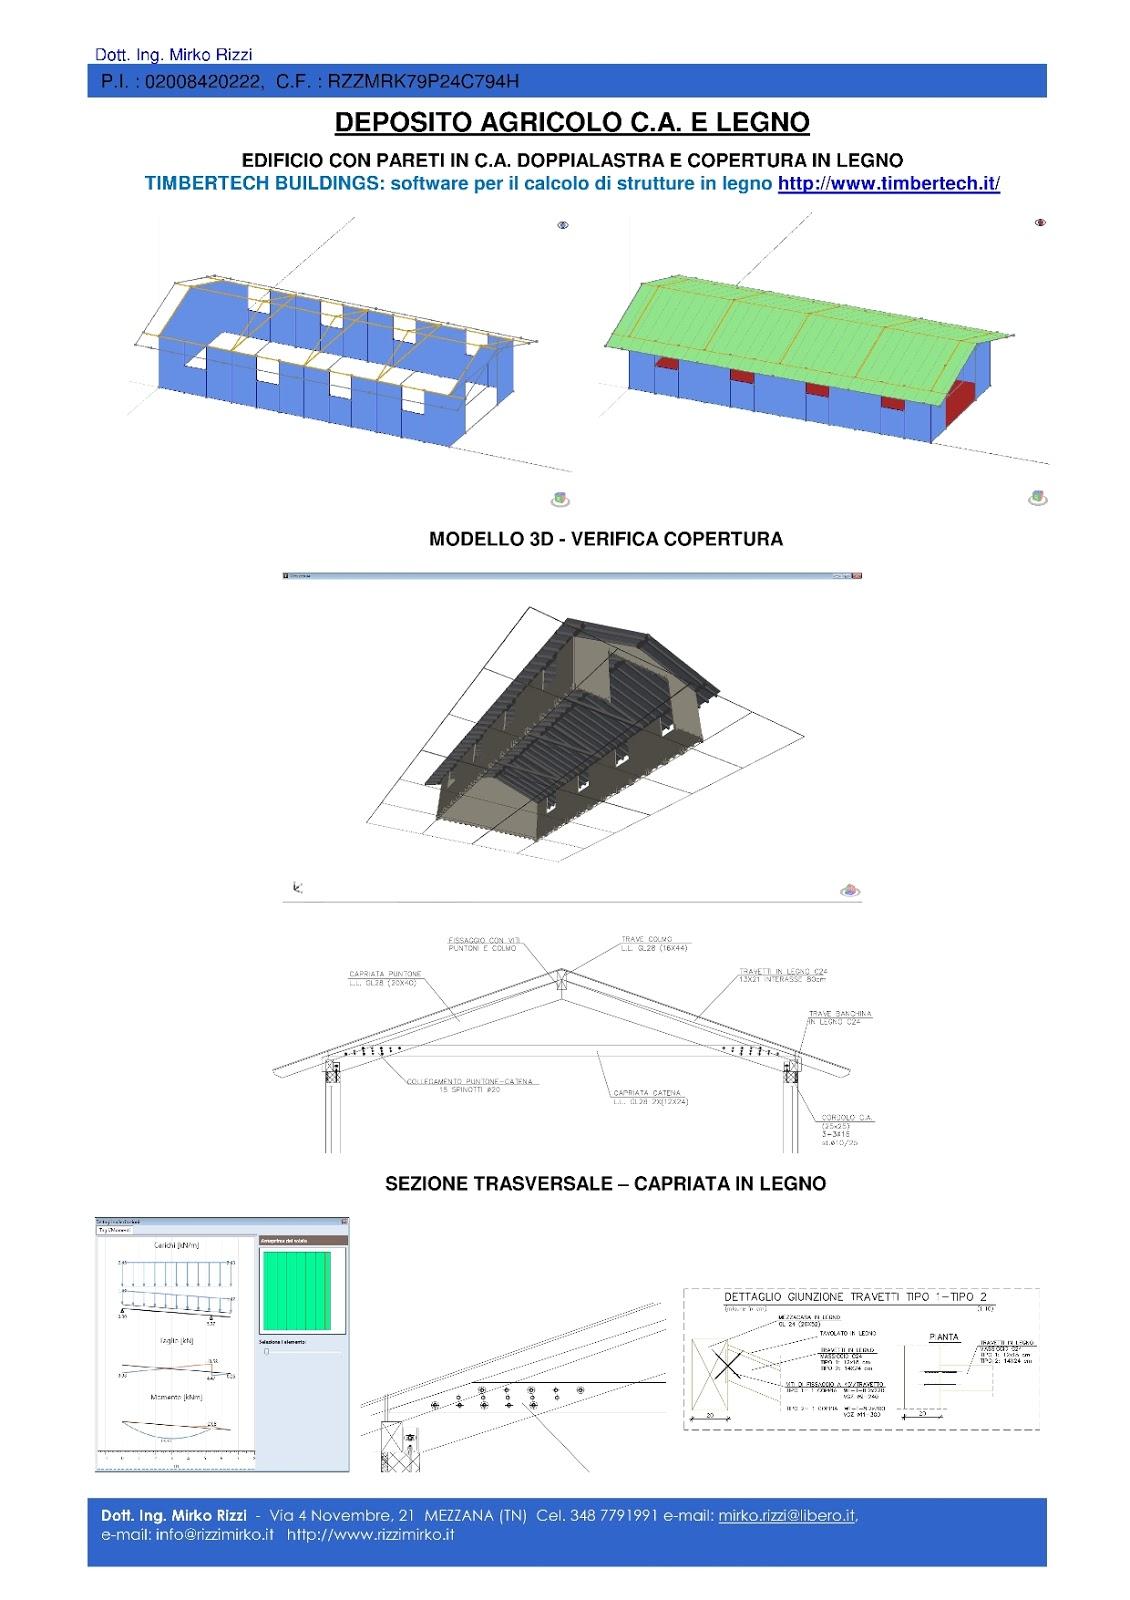 Progetto Capriata In Legno progettazione strutture: un mio lavoro. progetto strutture